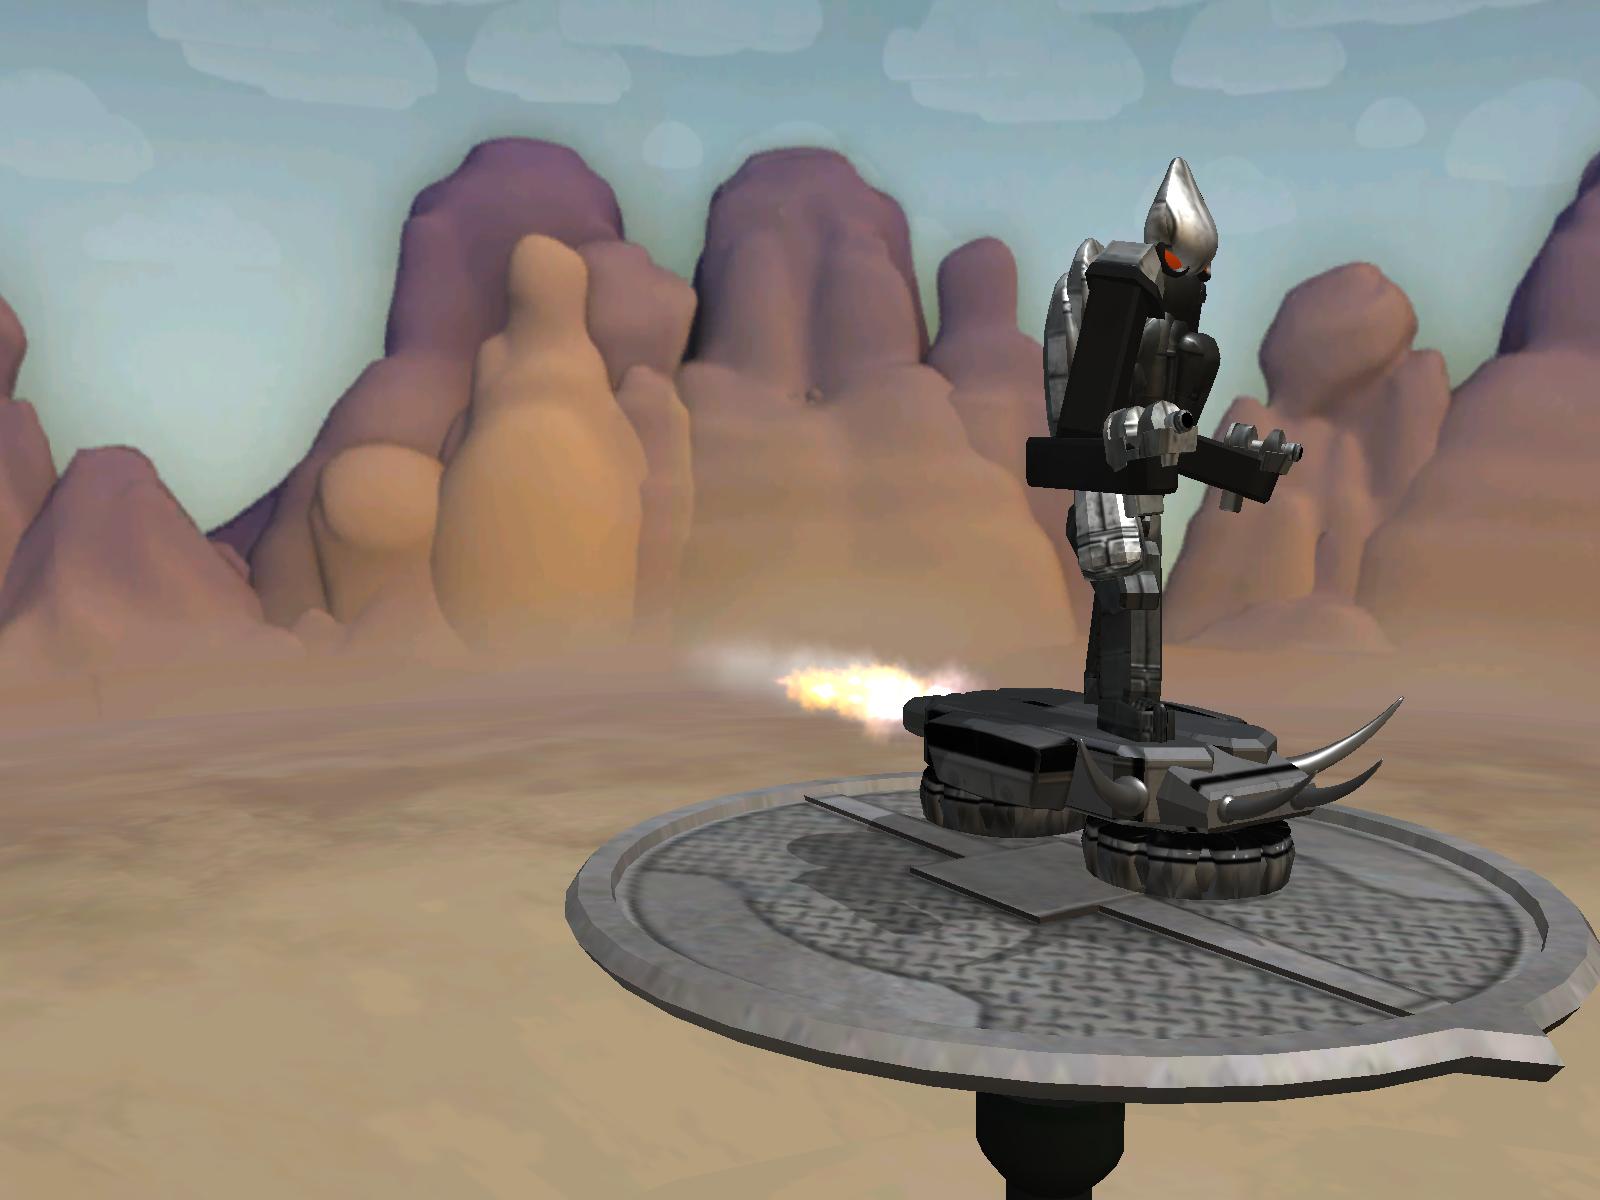 Un robot asesino veloz Spore-18-02-2020-14-48-16